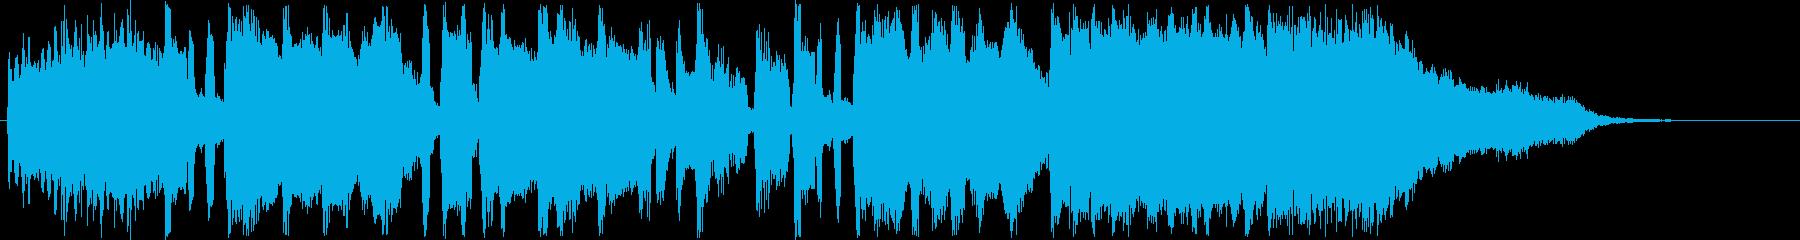 明るくポップなショートミュージックの再生済みの波形